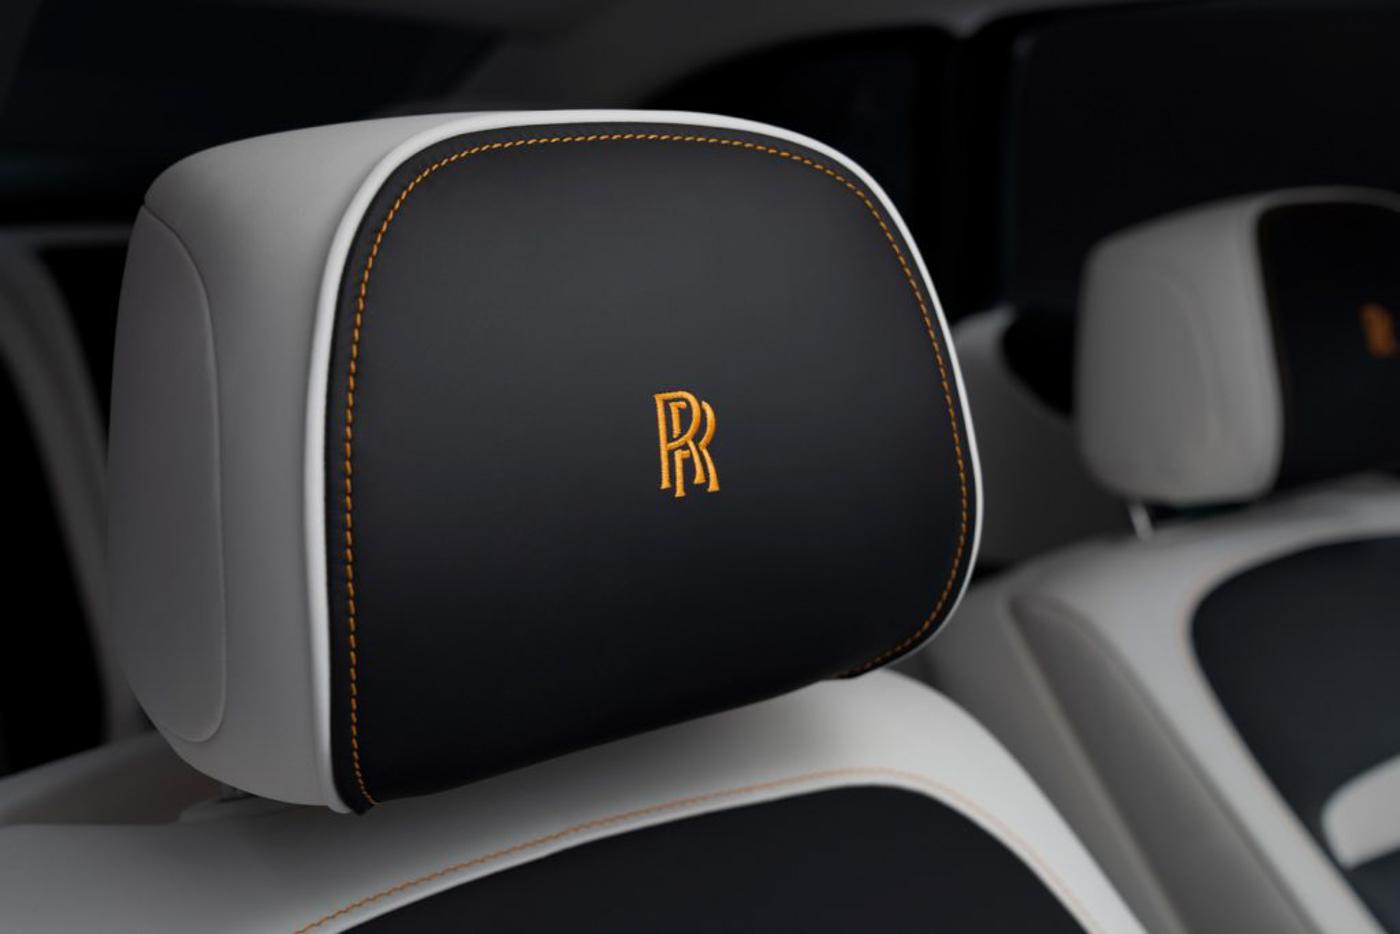 Rolls-Royce-NewGhost-biểu-tượng-xa-hoa-thế-hệ-mới-ra-mắt-khách-hàng-Việt-11.jpg